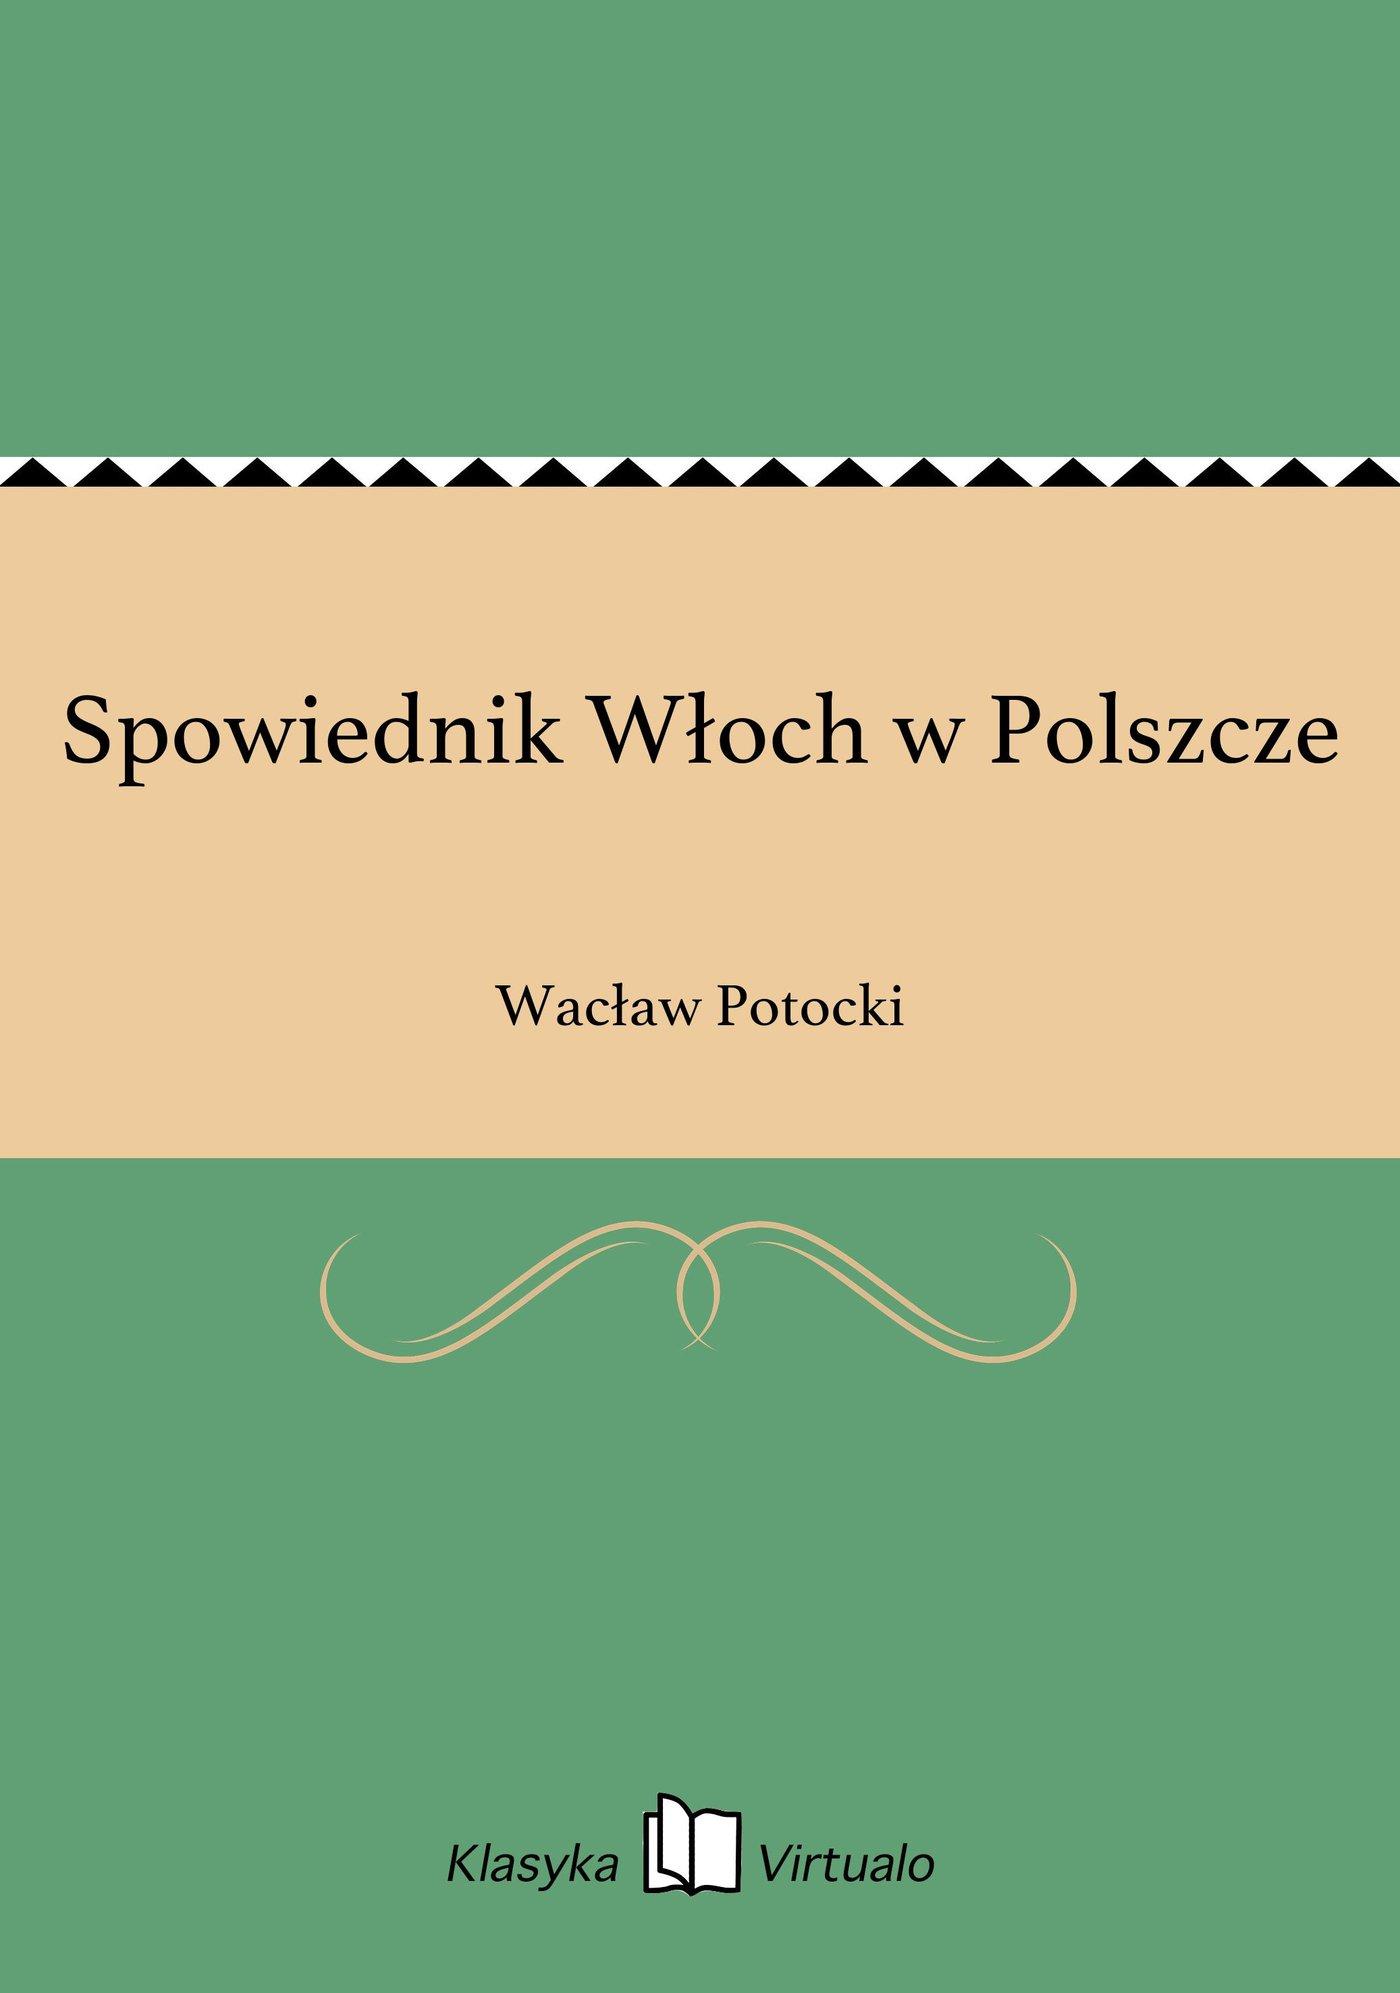 Spowiednik Włoch w Polszcze - Ebook (Książka EPUB) do pobrania w formacie EPUB